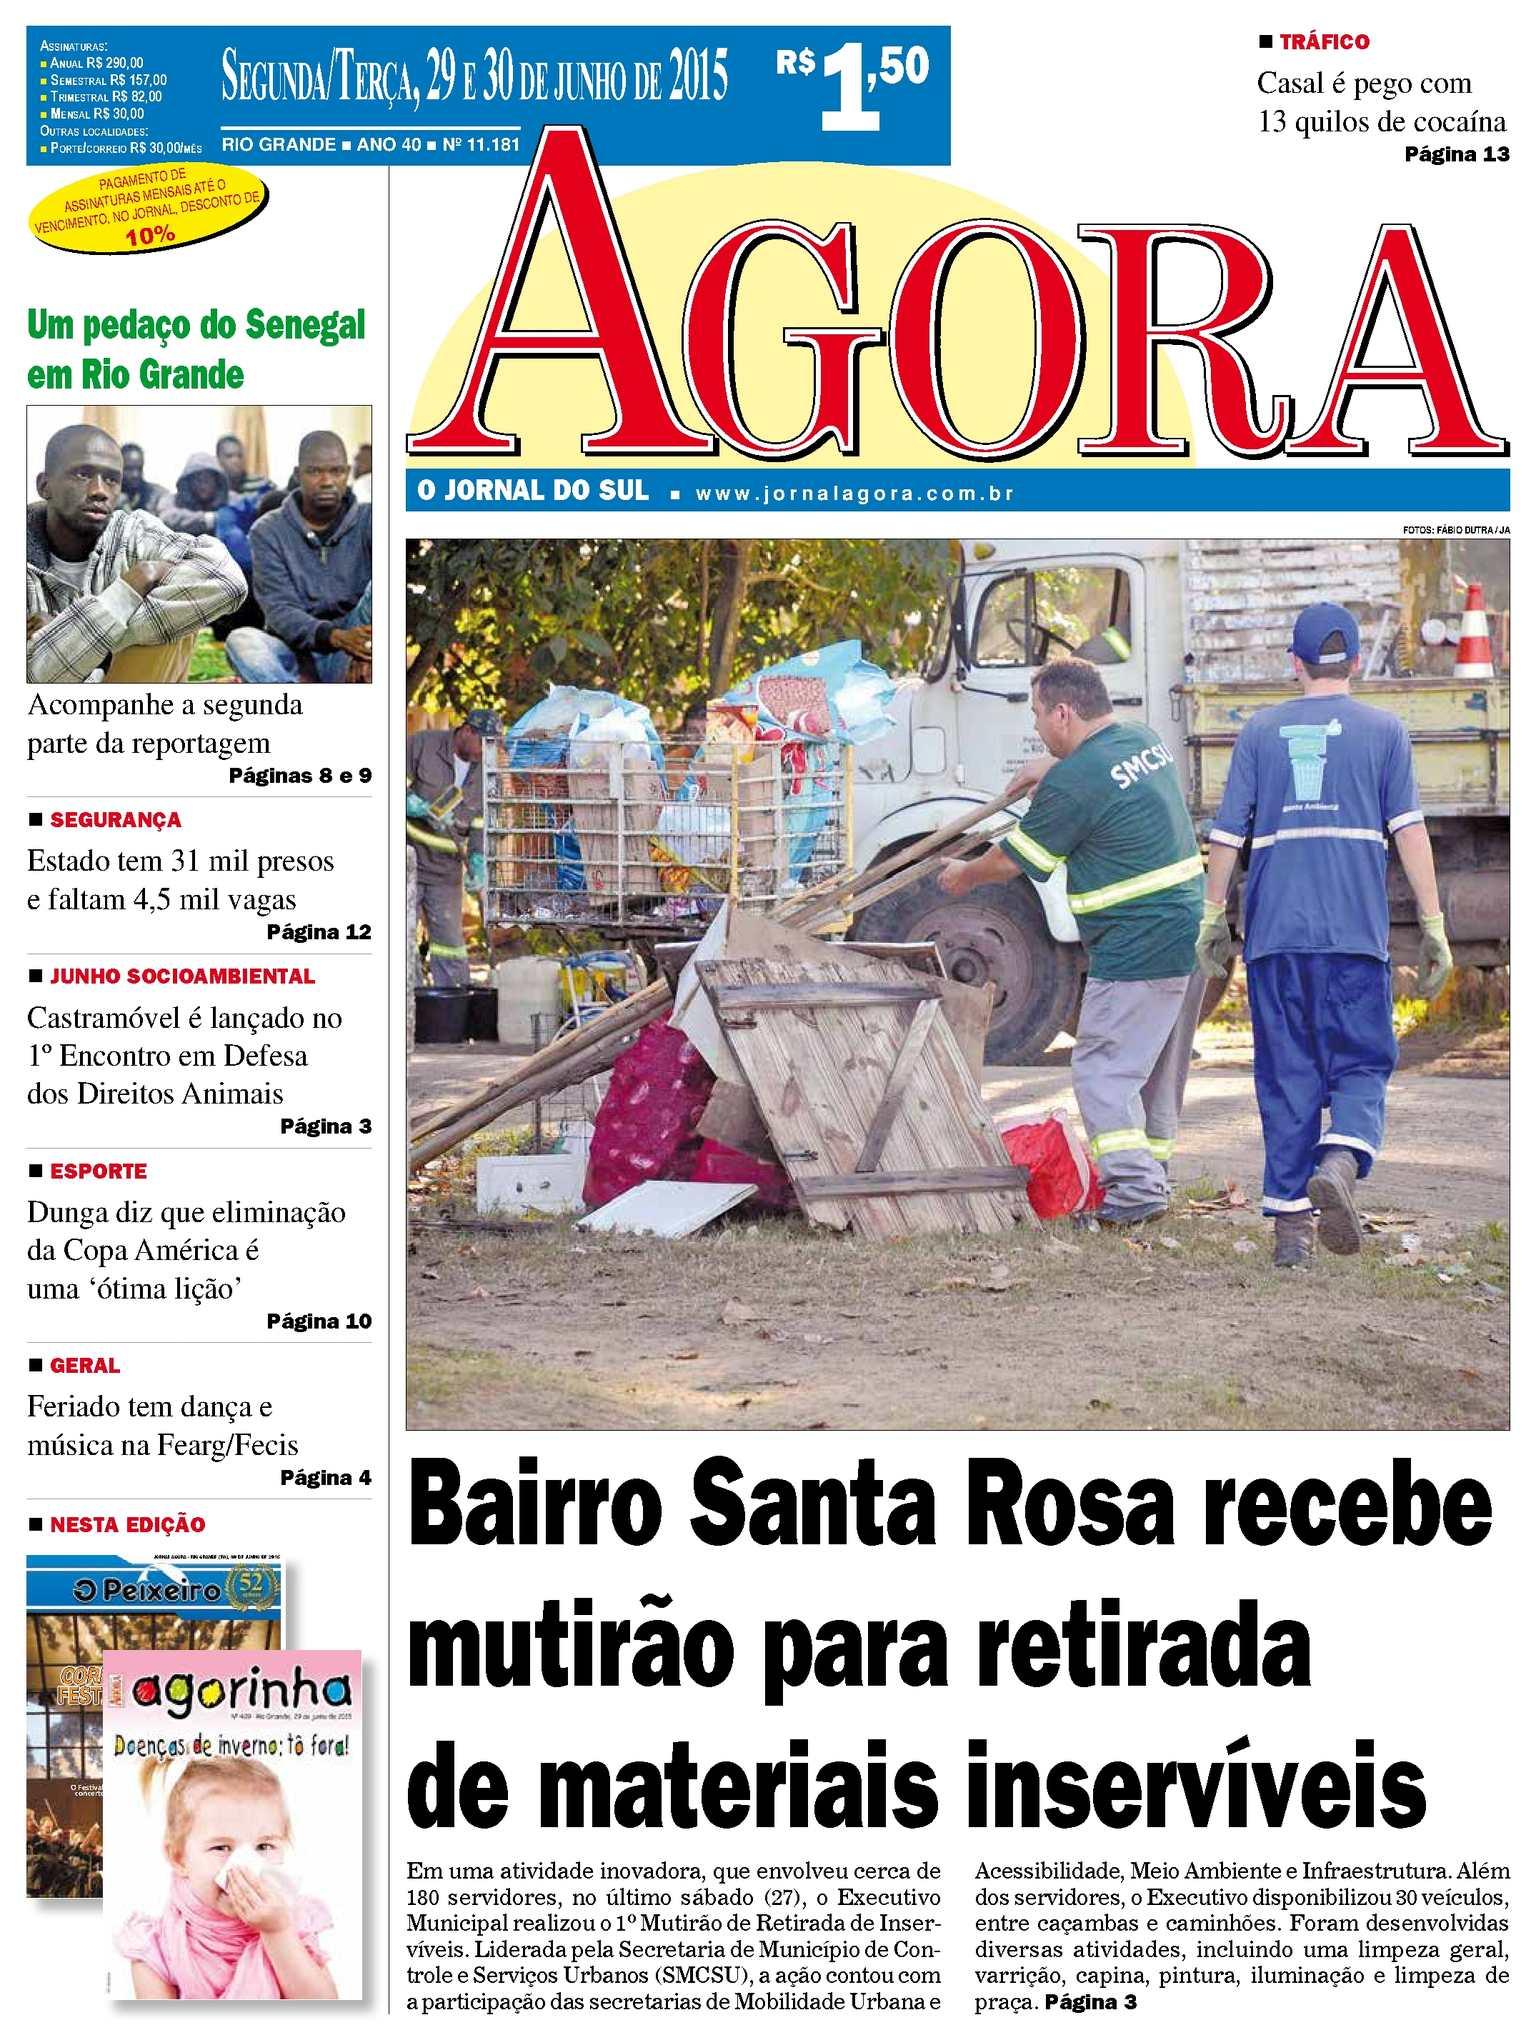 Calaméo - Jornal Agora - Edição 11181 - 29 e 30 de Junho de 2015 b0498c3fe15